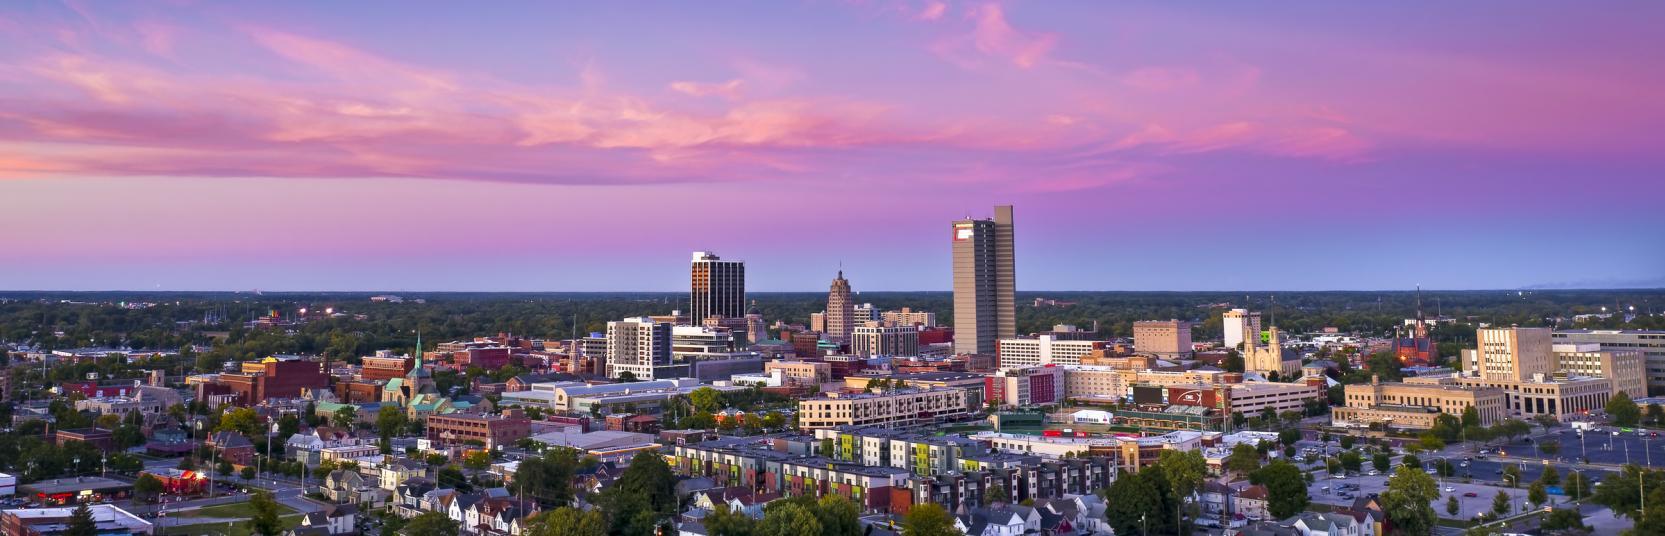 2020 Skyline Photo